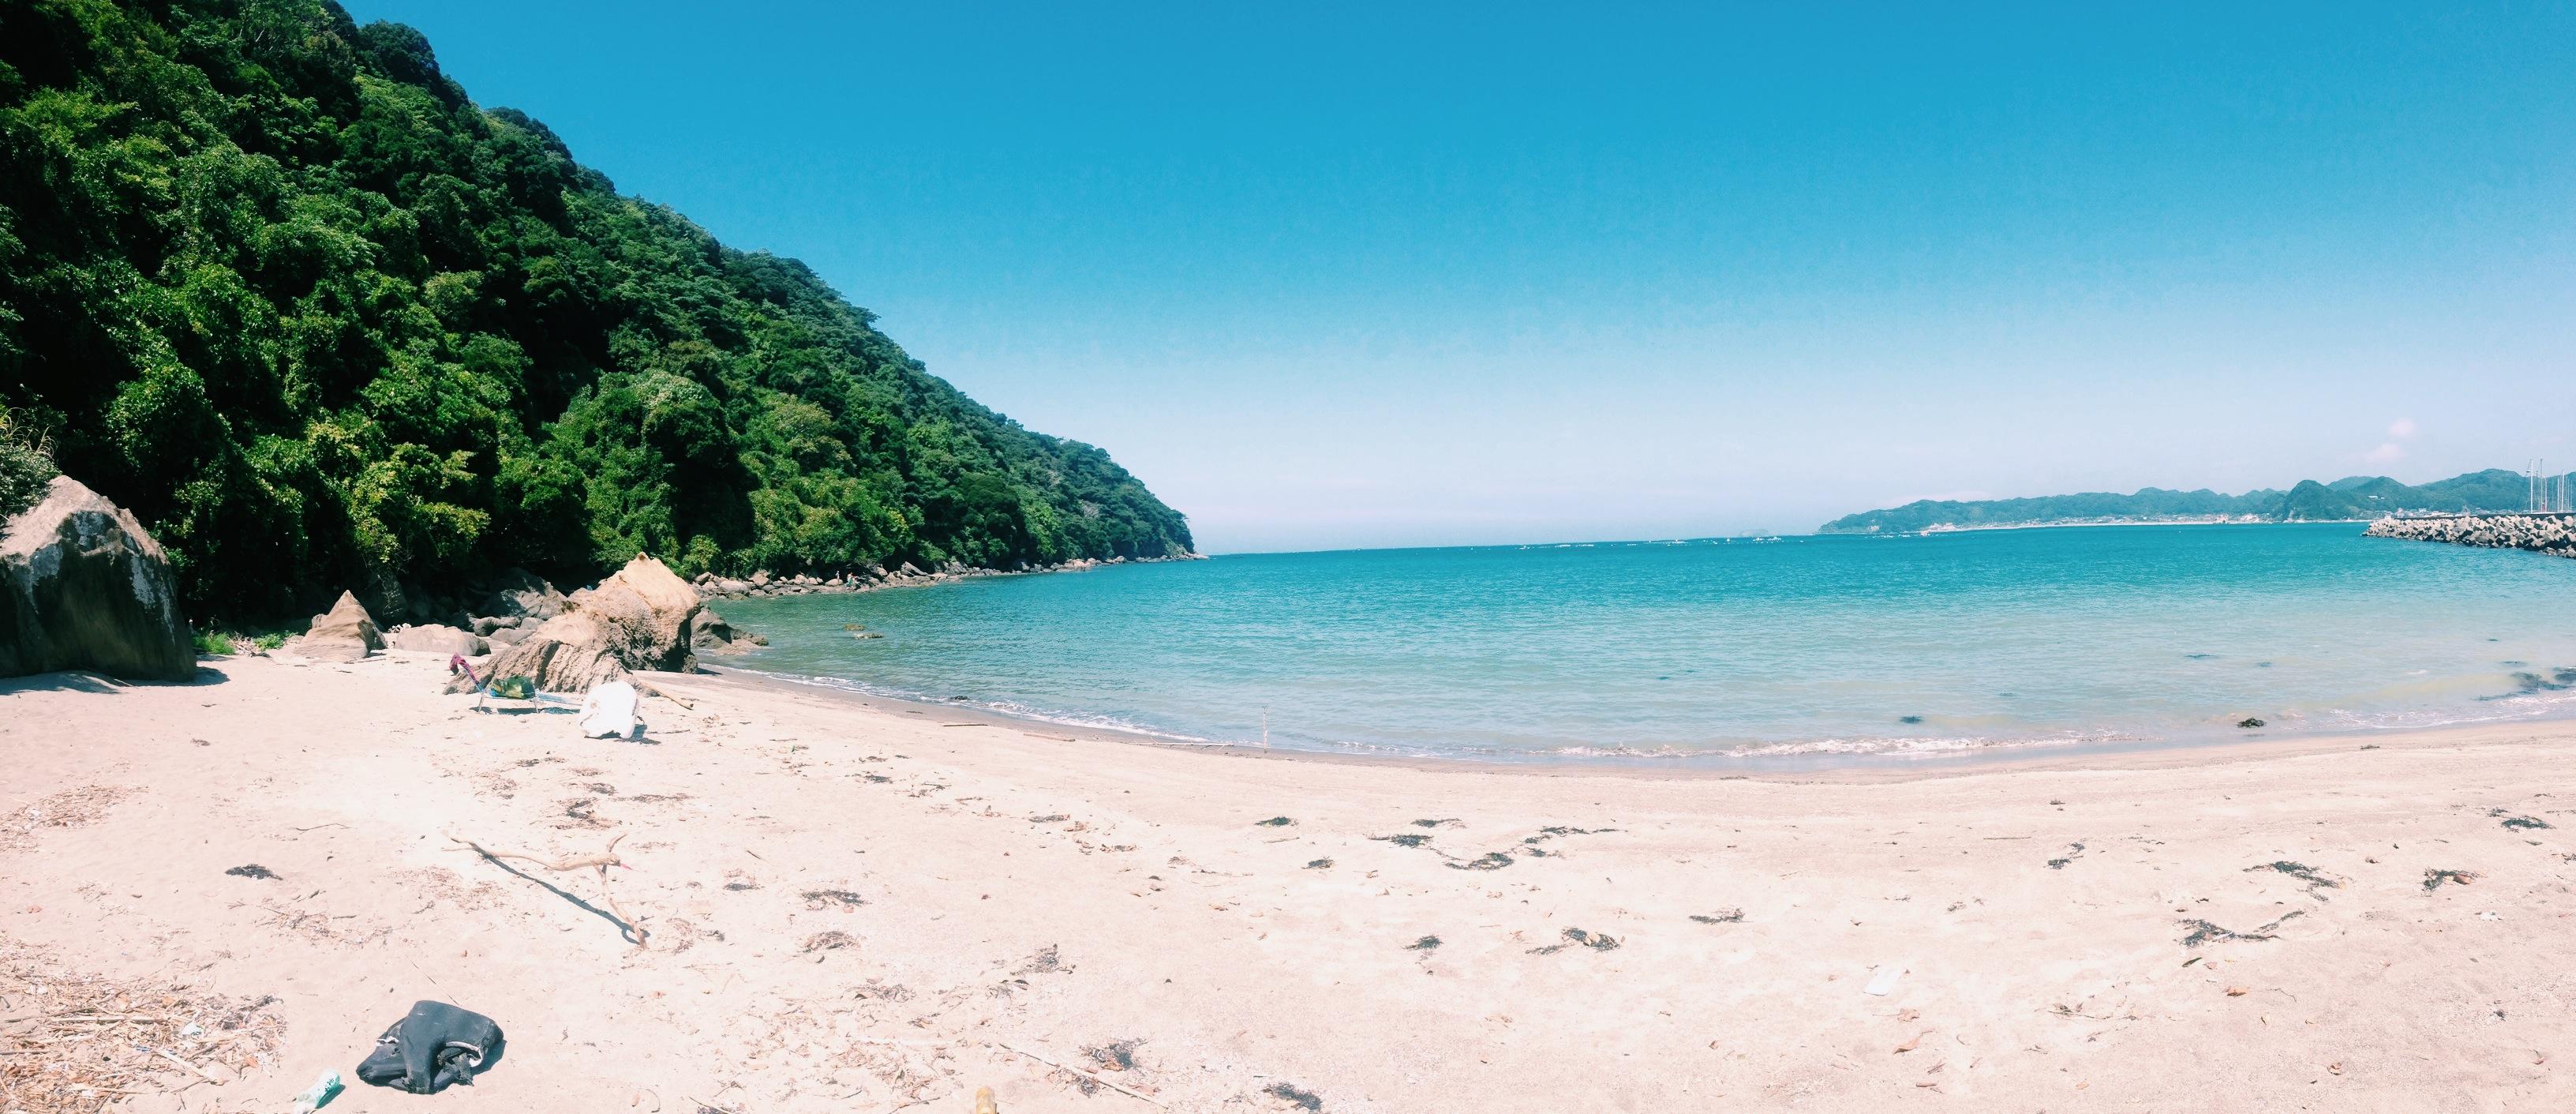 Tatara Beach Day Camp